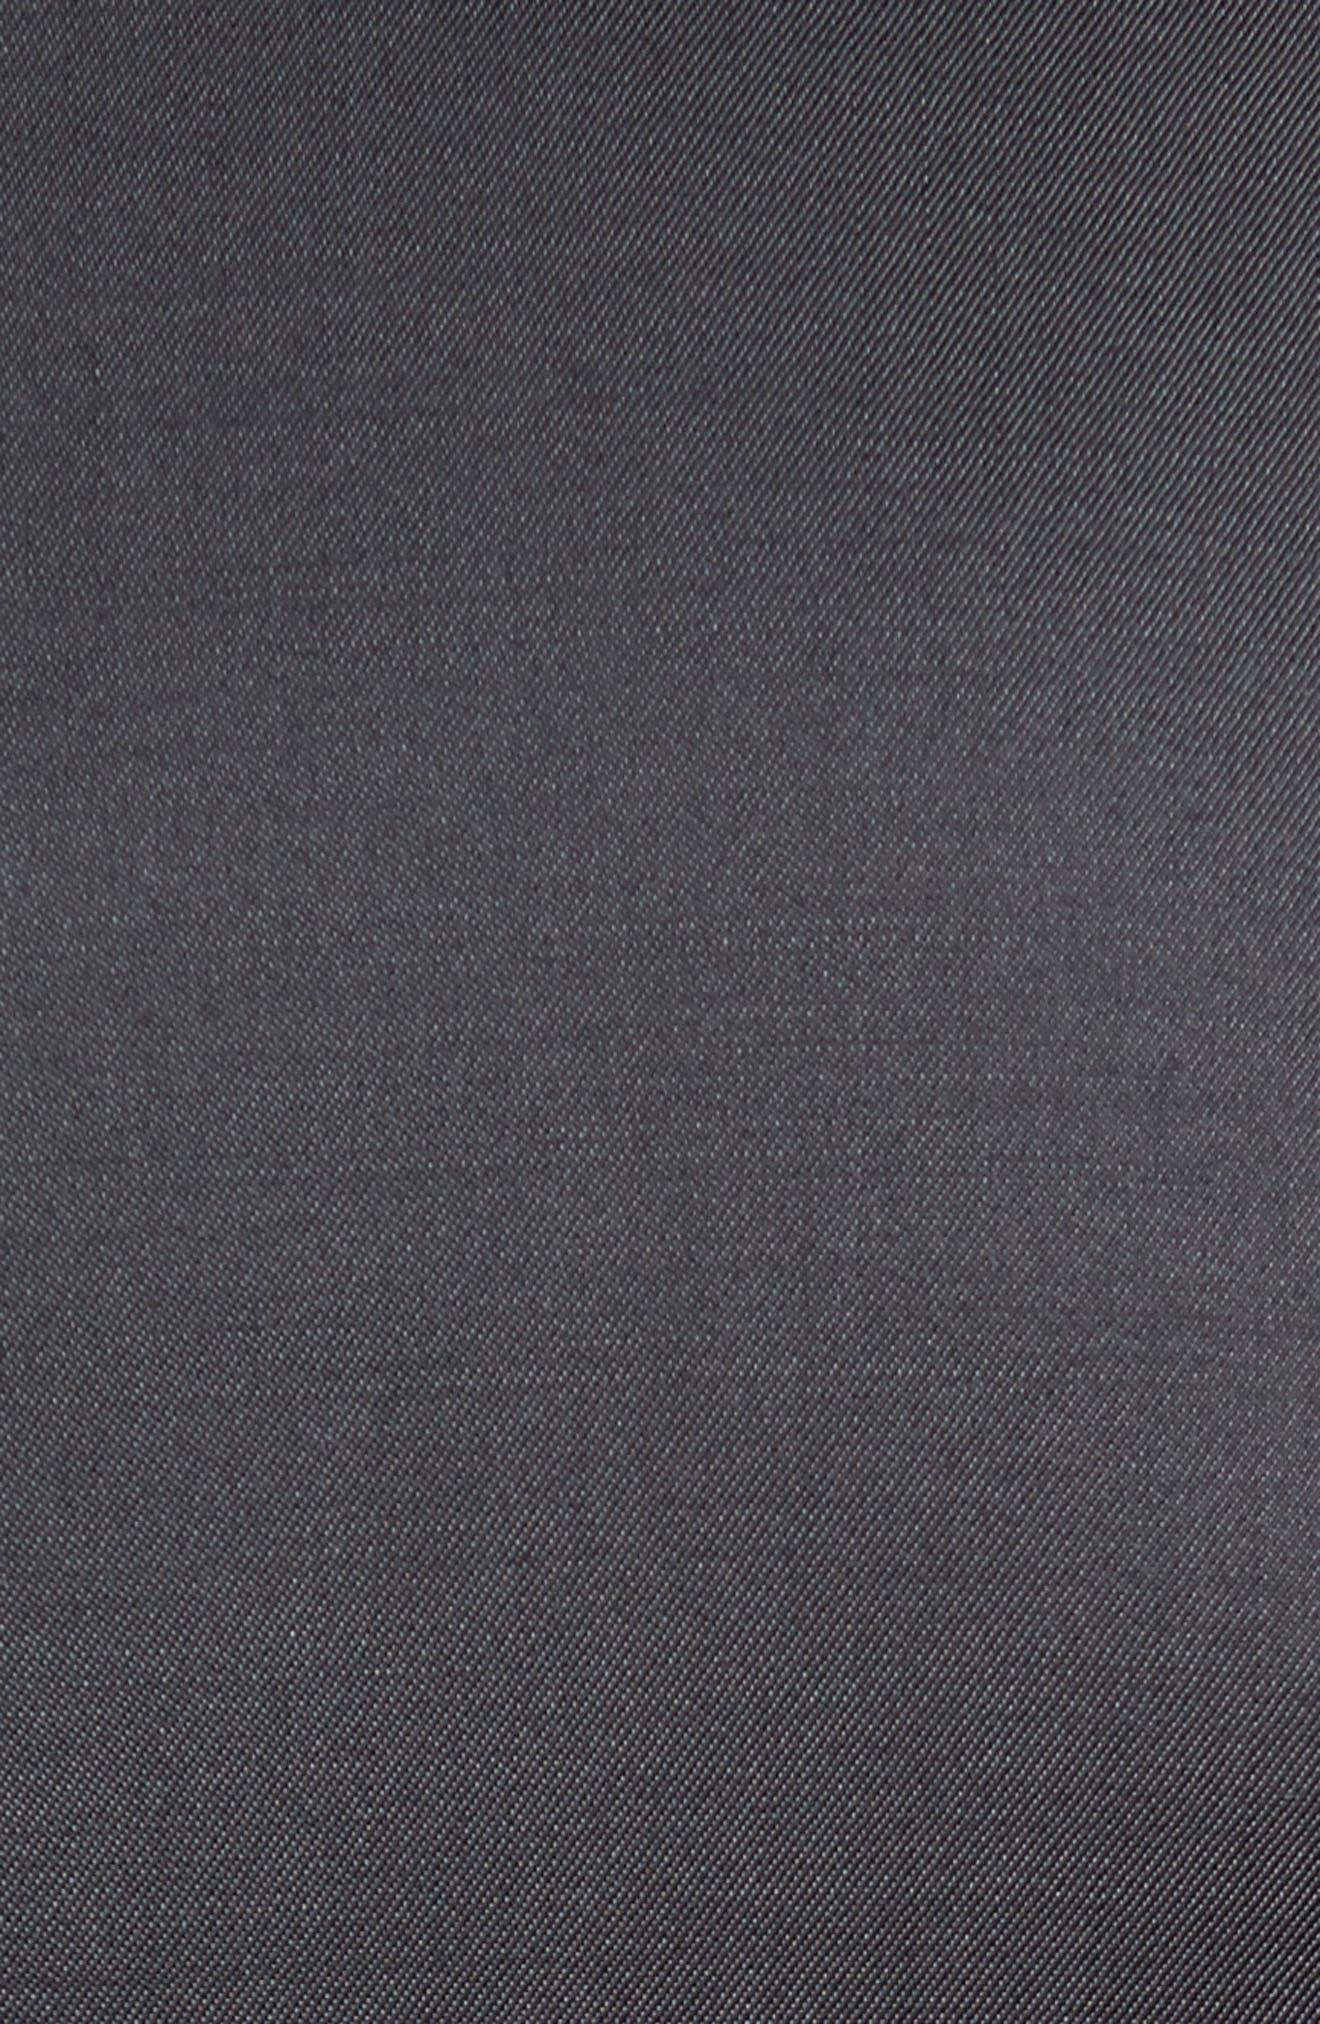 Trim Fit Solid Wool Suit,                             Alternate thumbnail 4, color,                             022